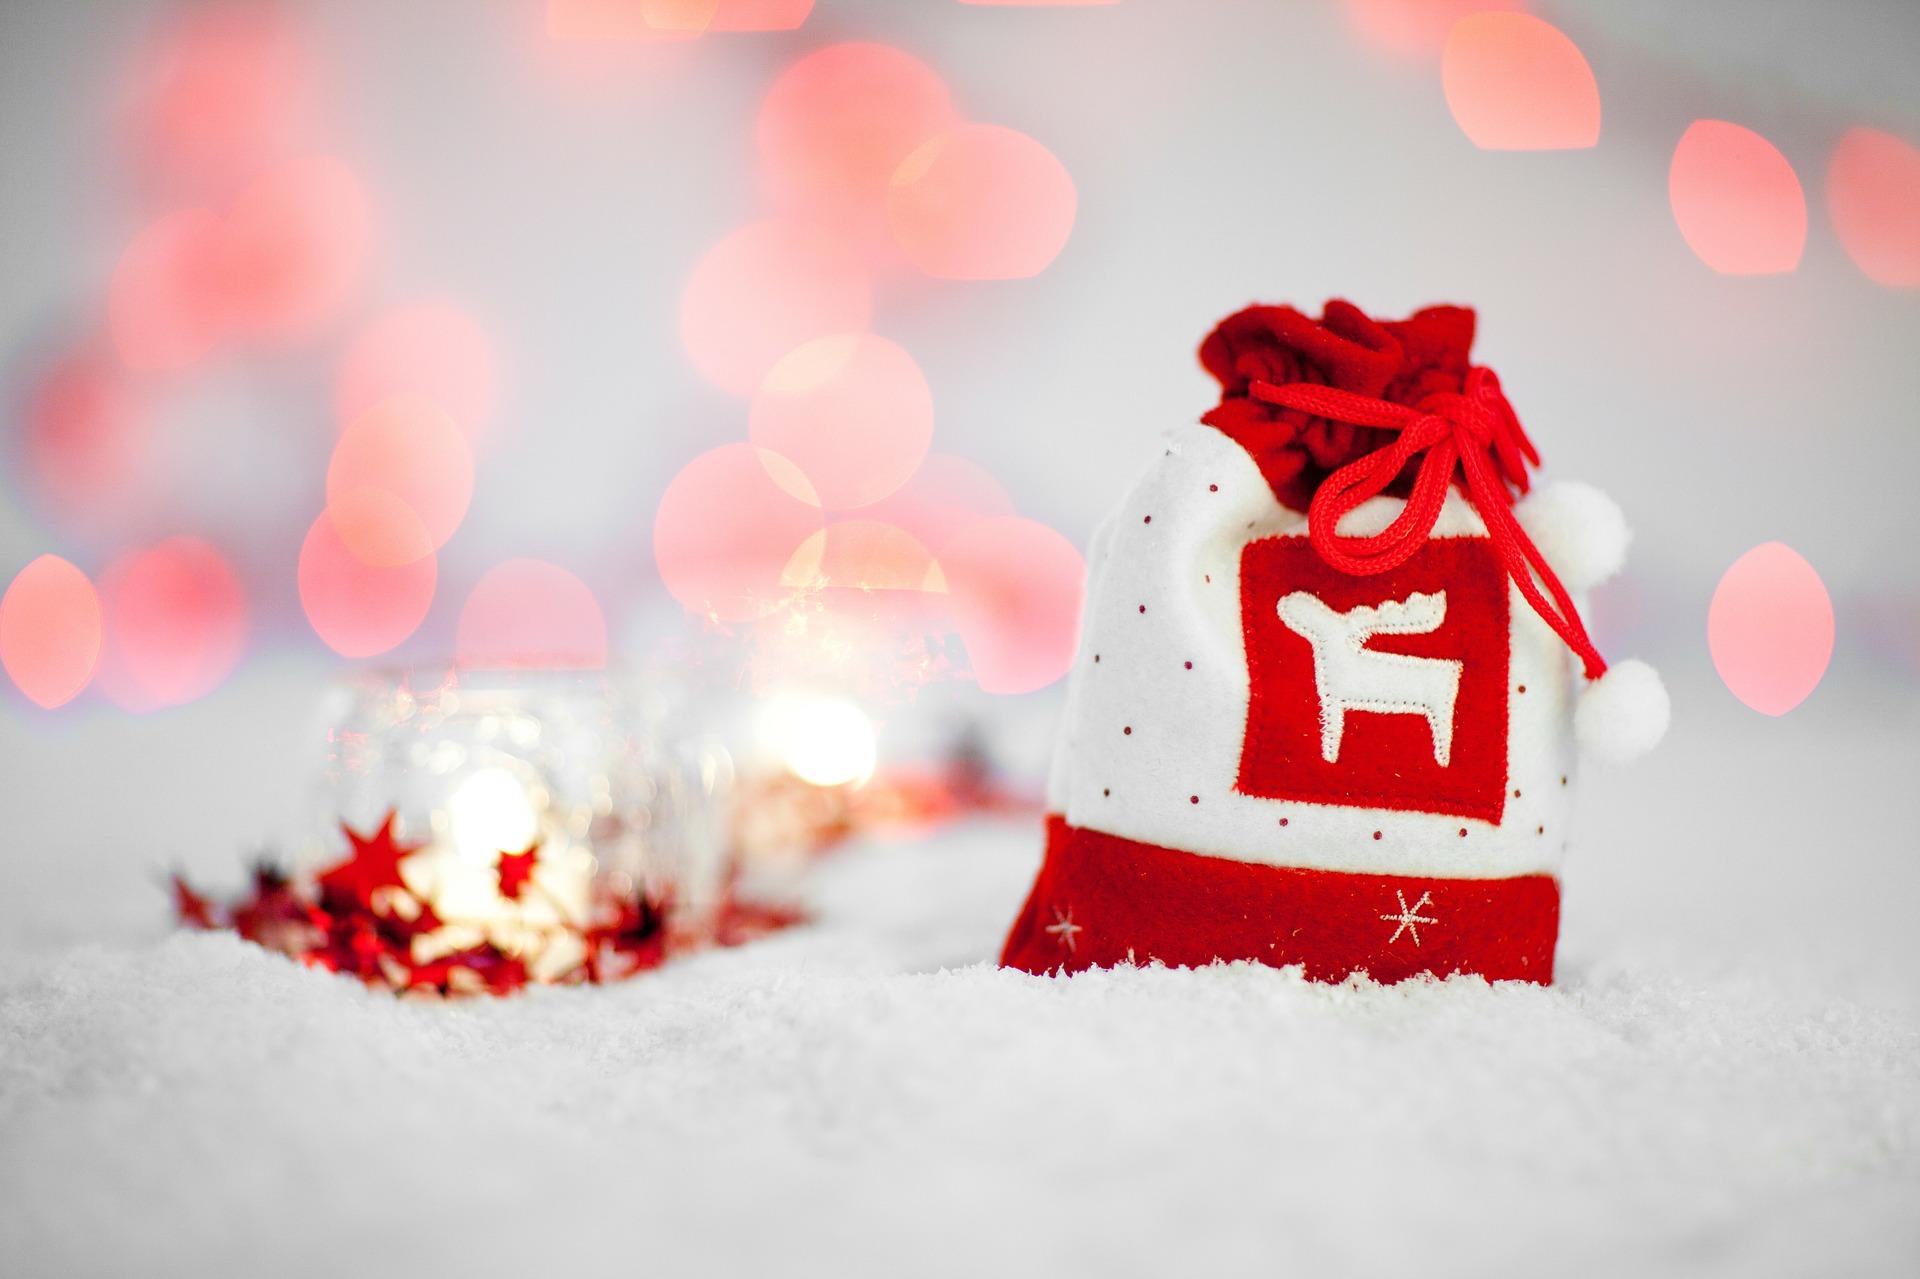 Sfondo Natalizio - Sfondi natalizi gratis desktop